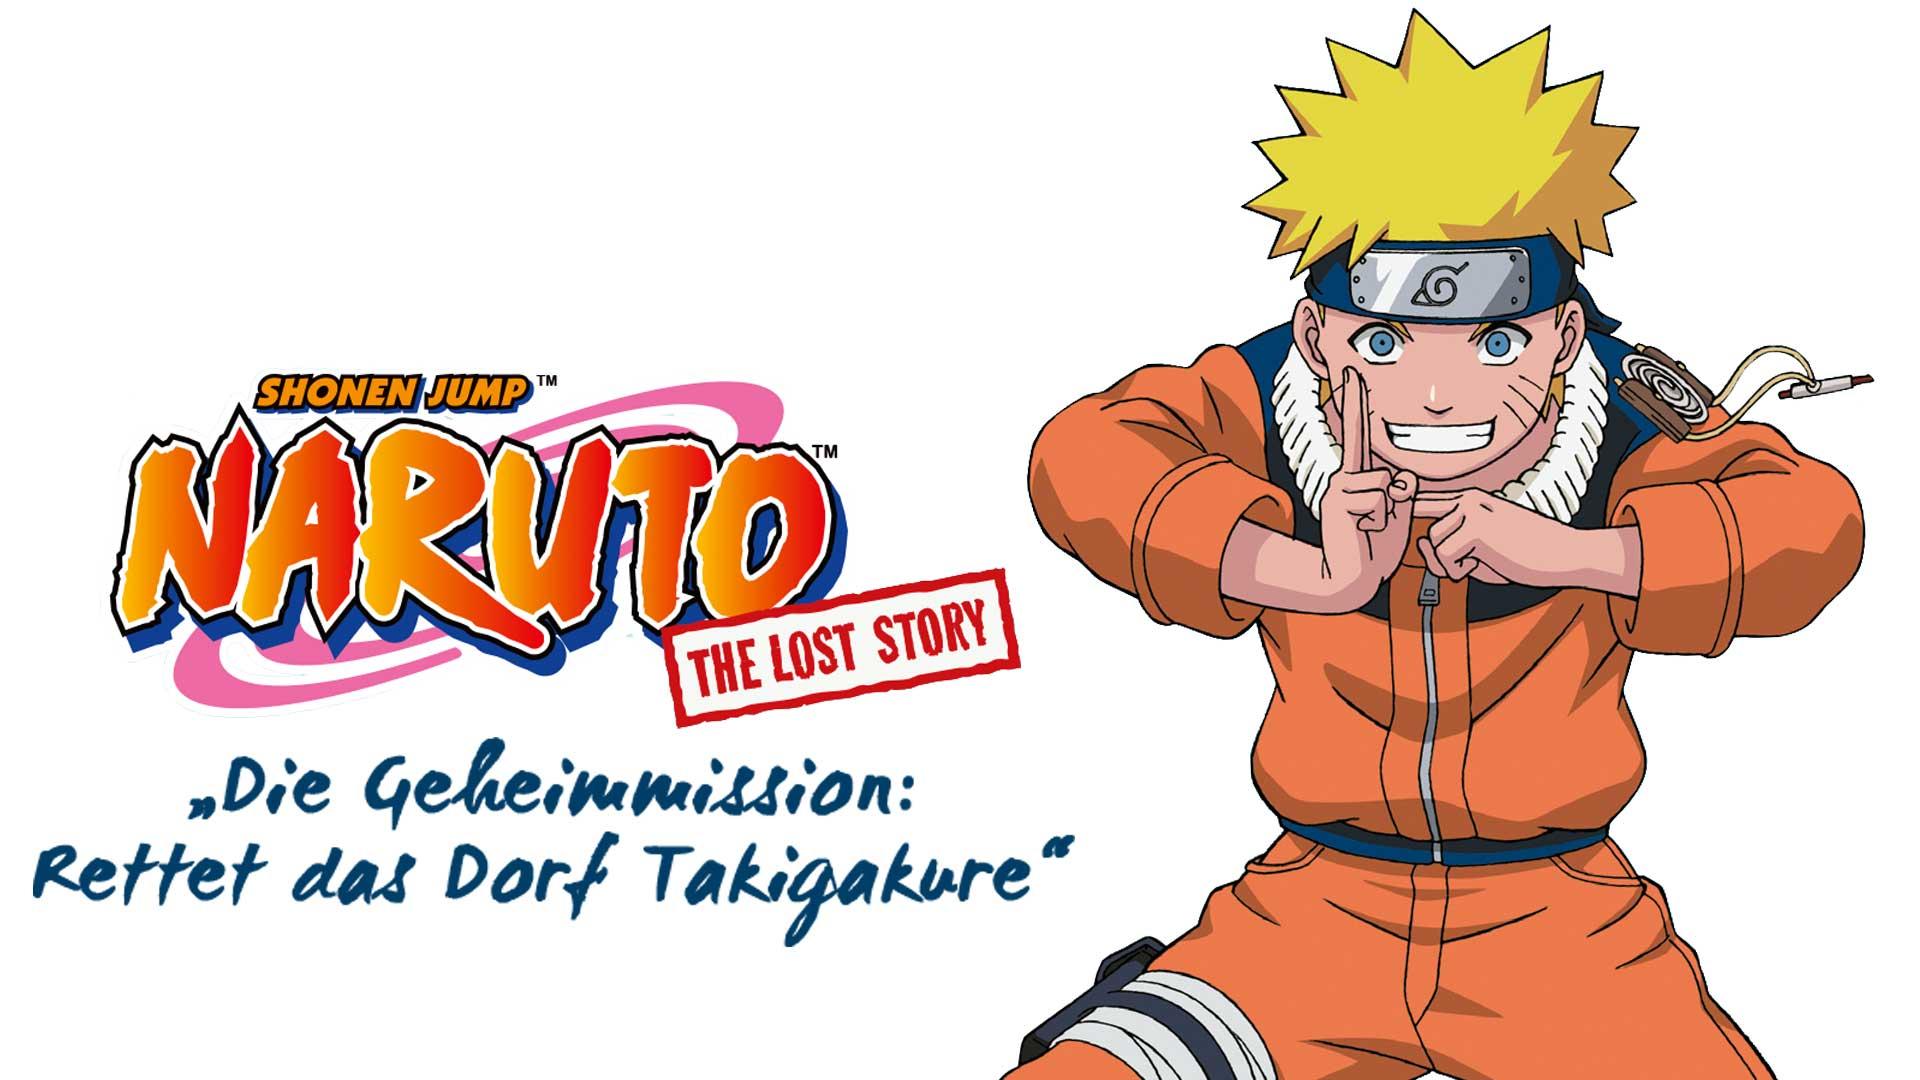 Naruto - Die Geheimmission: Rettet das Dorf Takigakure